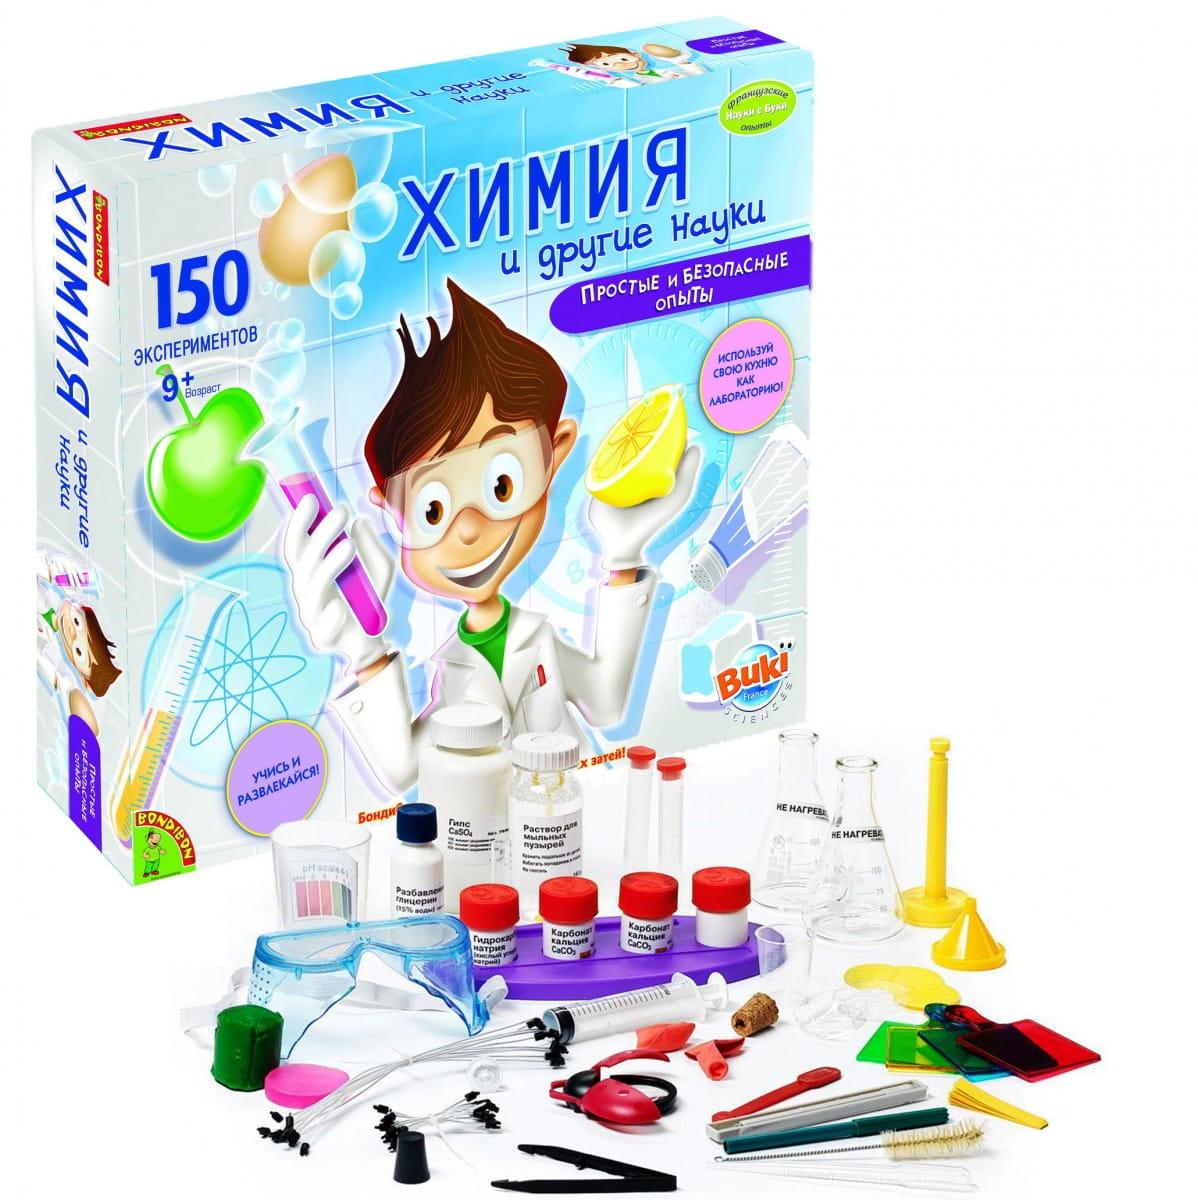 Набор BONDIBON Французские опыты Науки с Буки - Химия и другие науки (150 экспериментов)